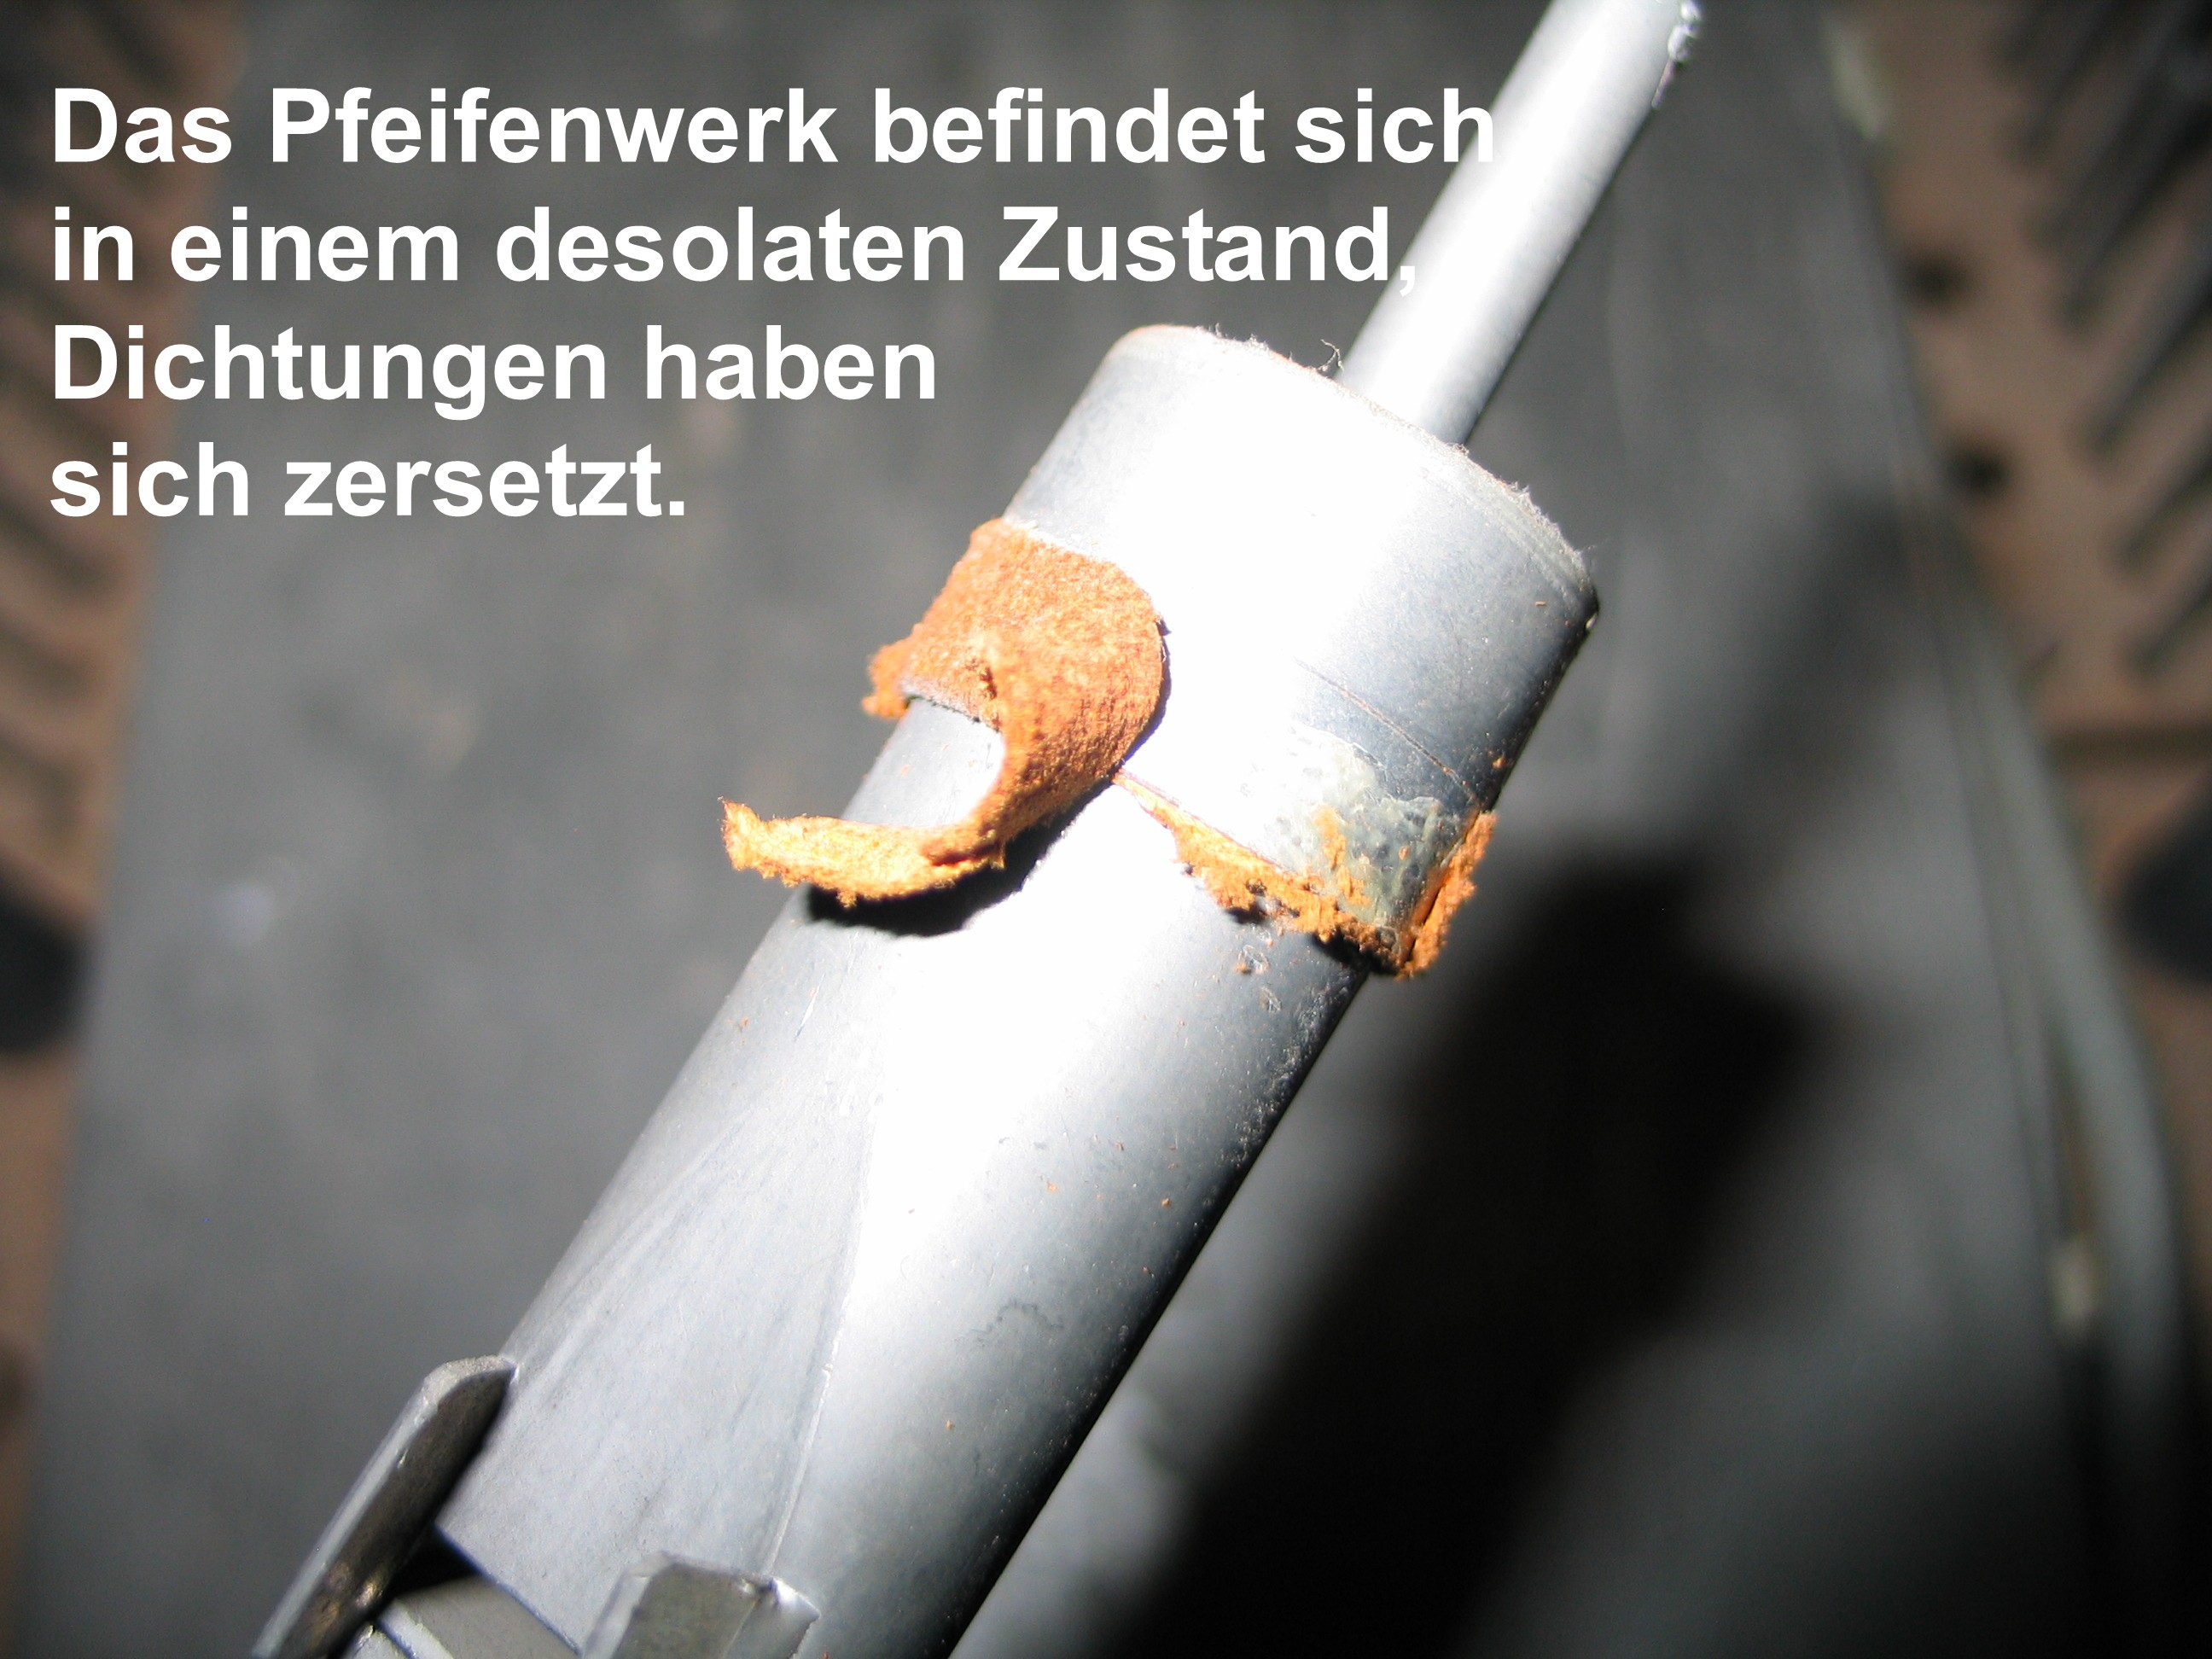 Copyright © Ulrich Grimpe, Referat für Kirchenmusik am Bistum Münster